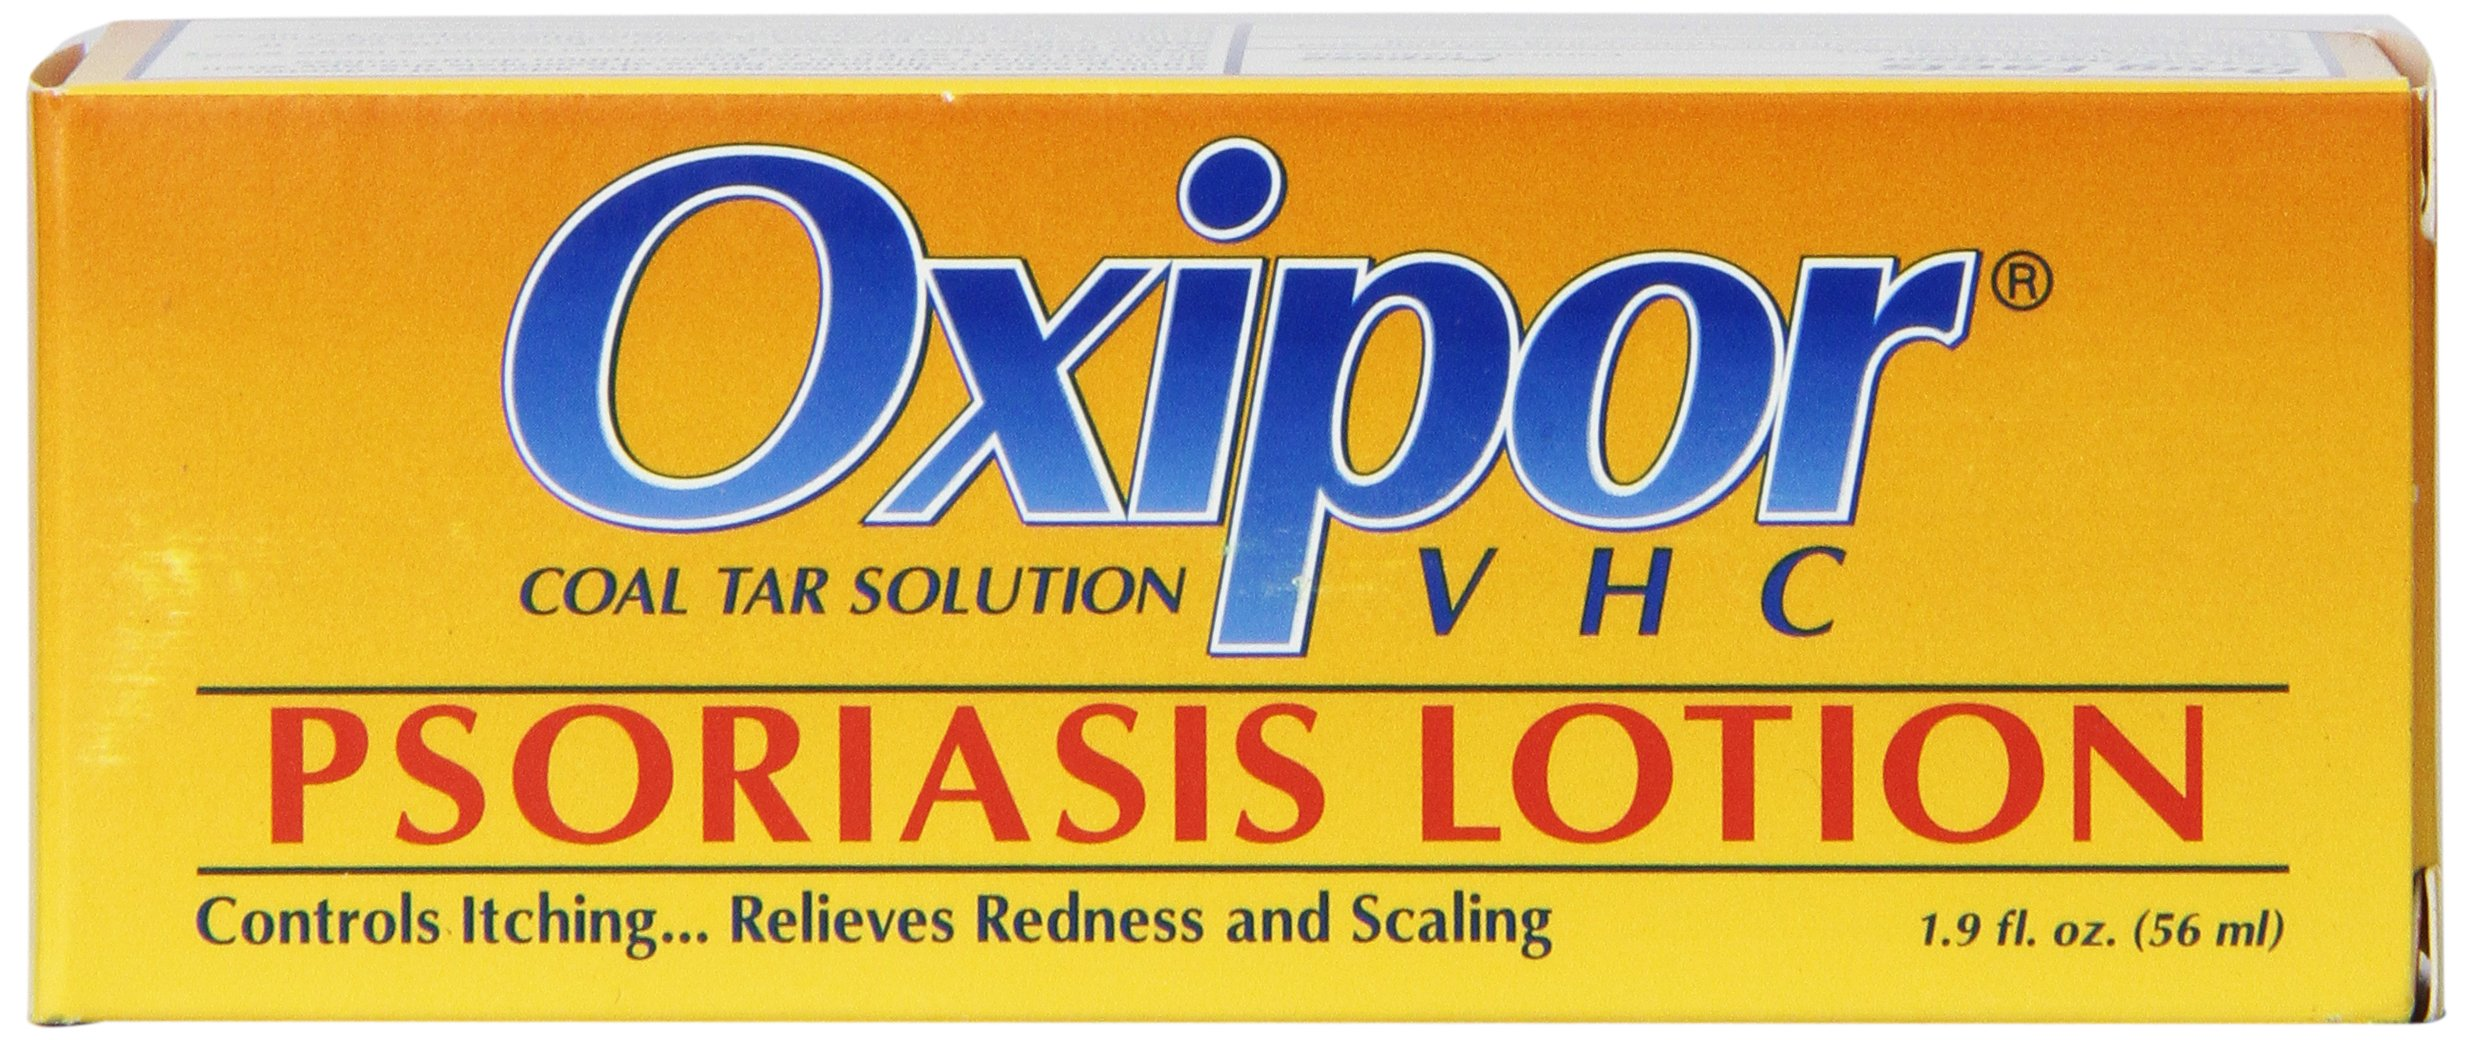 Oxipor VHC Psoriasis Lotion, 1.9 Ounce by Oxipor